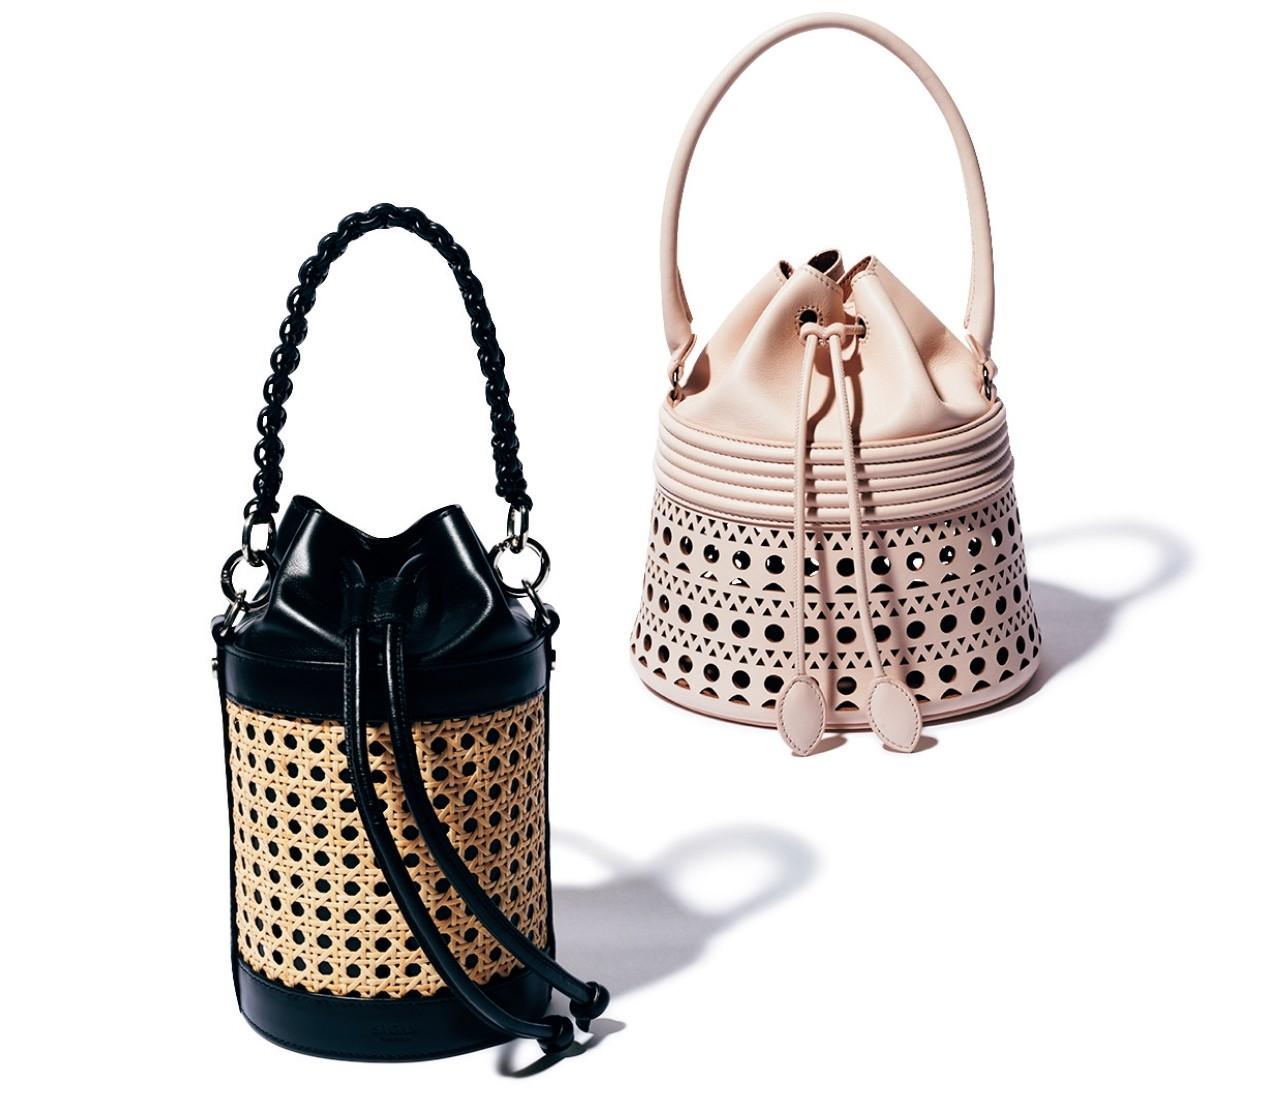 【人気ブランドの最新バケットバッグ5選】J&M デヴィッドソン、フルラ…持ってるだけで可愛いバッグがズラリ!